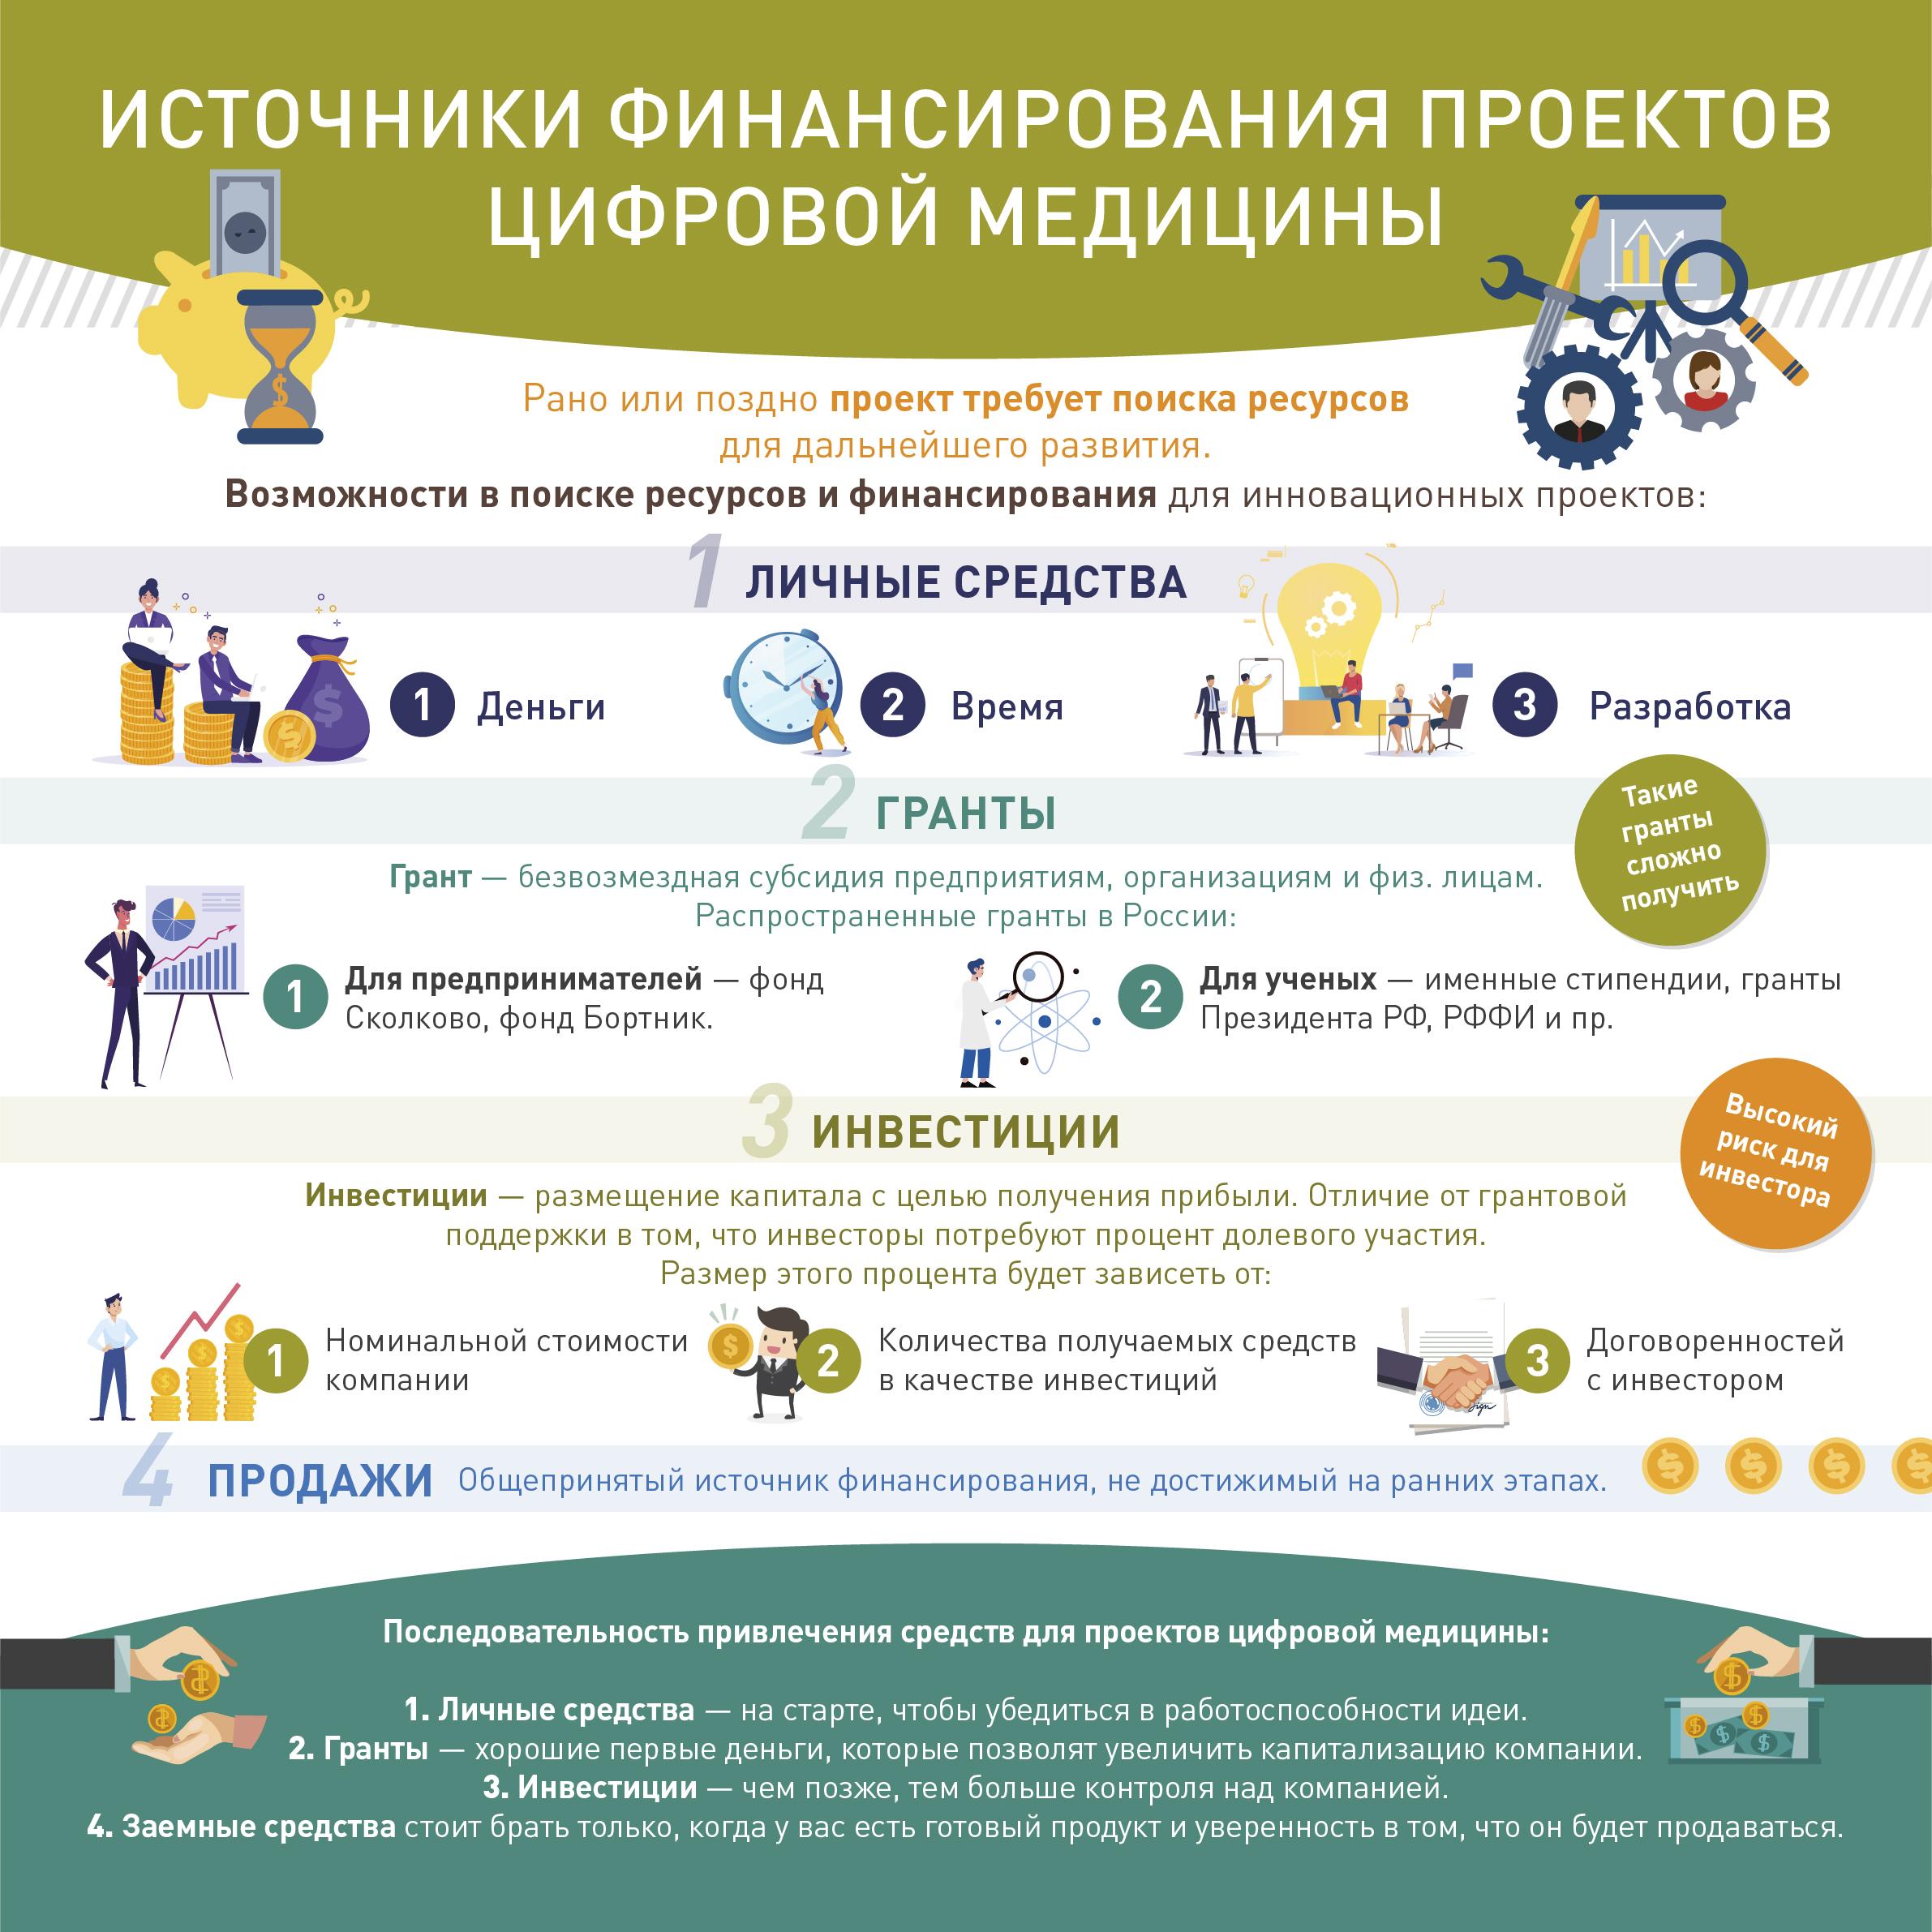 Источники финансирования проектов цифровой медицины